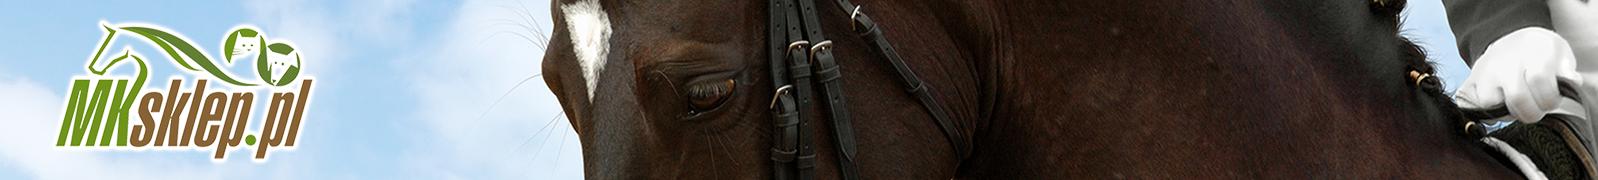 Chłodny Sklep jeździecki, pasza dla koni, żywienie i pielęgnacja koni RN42